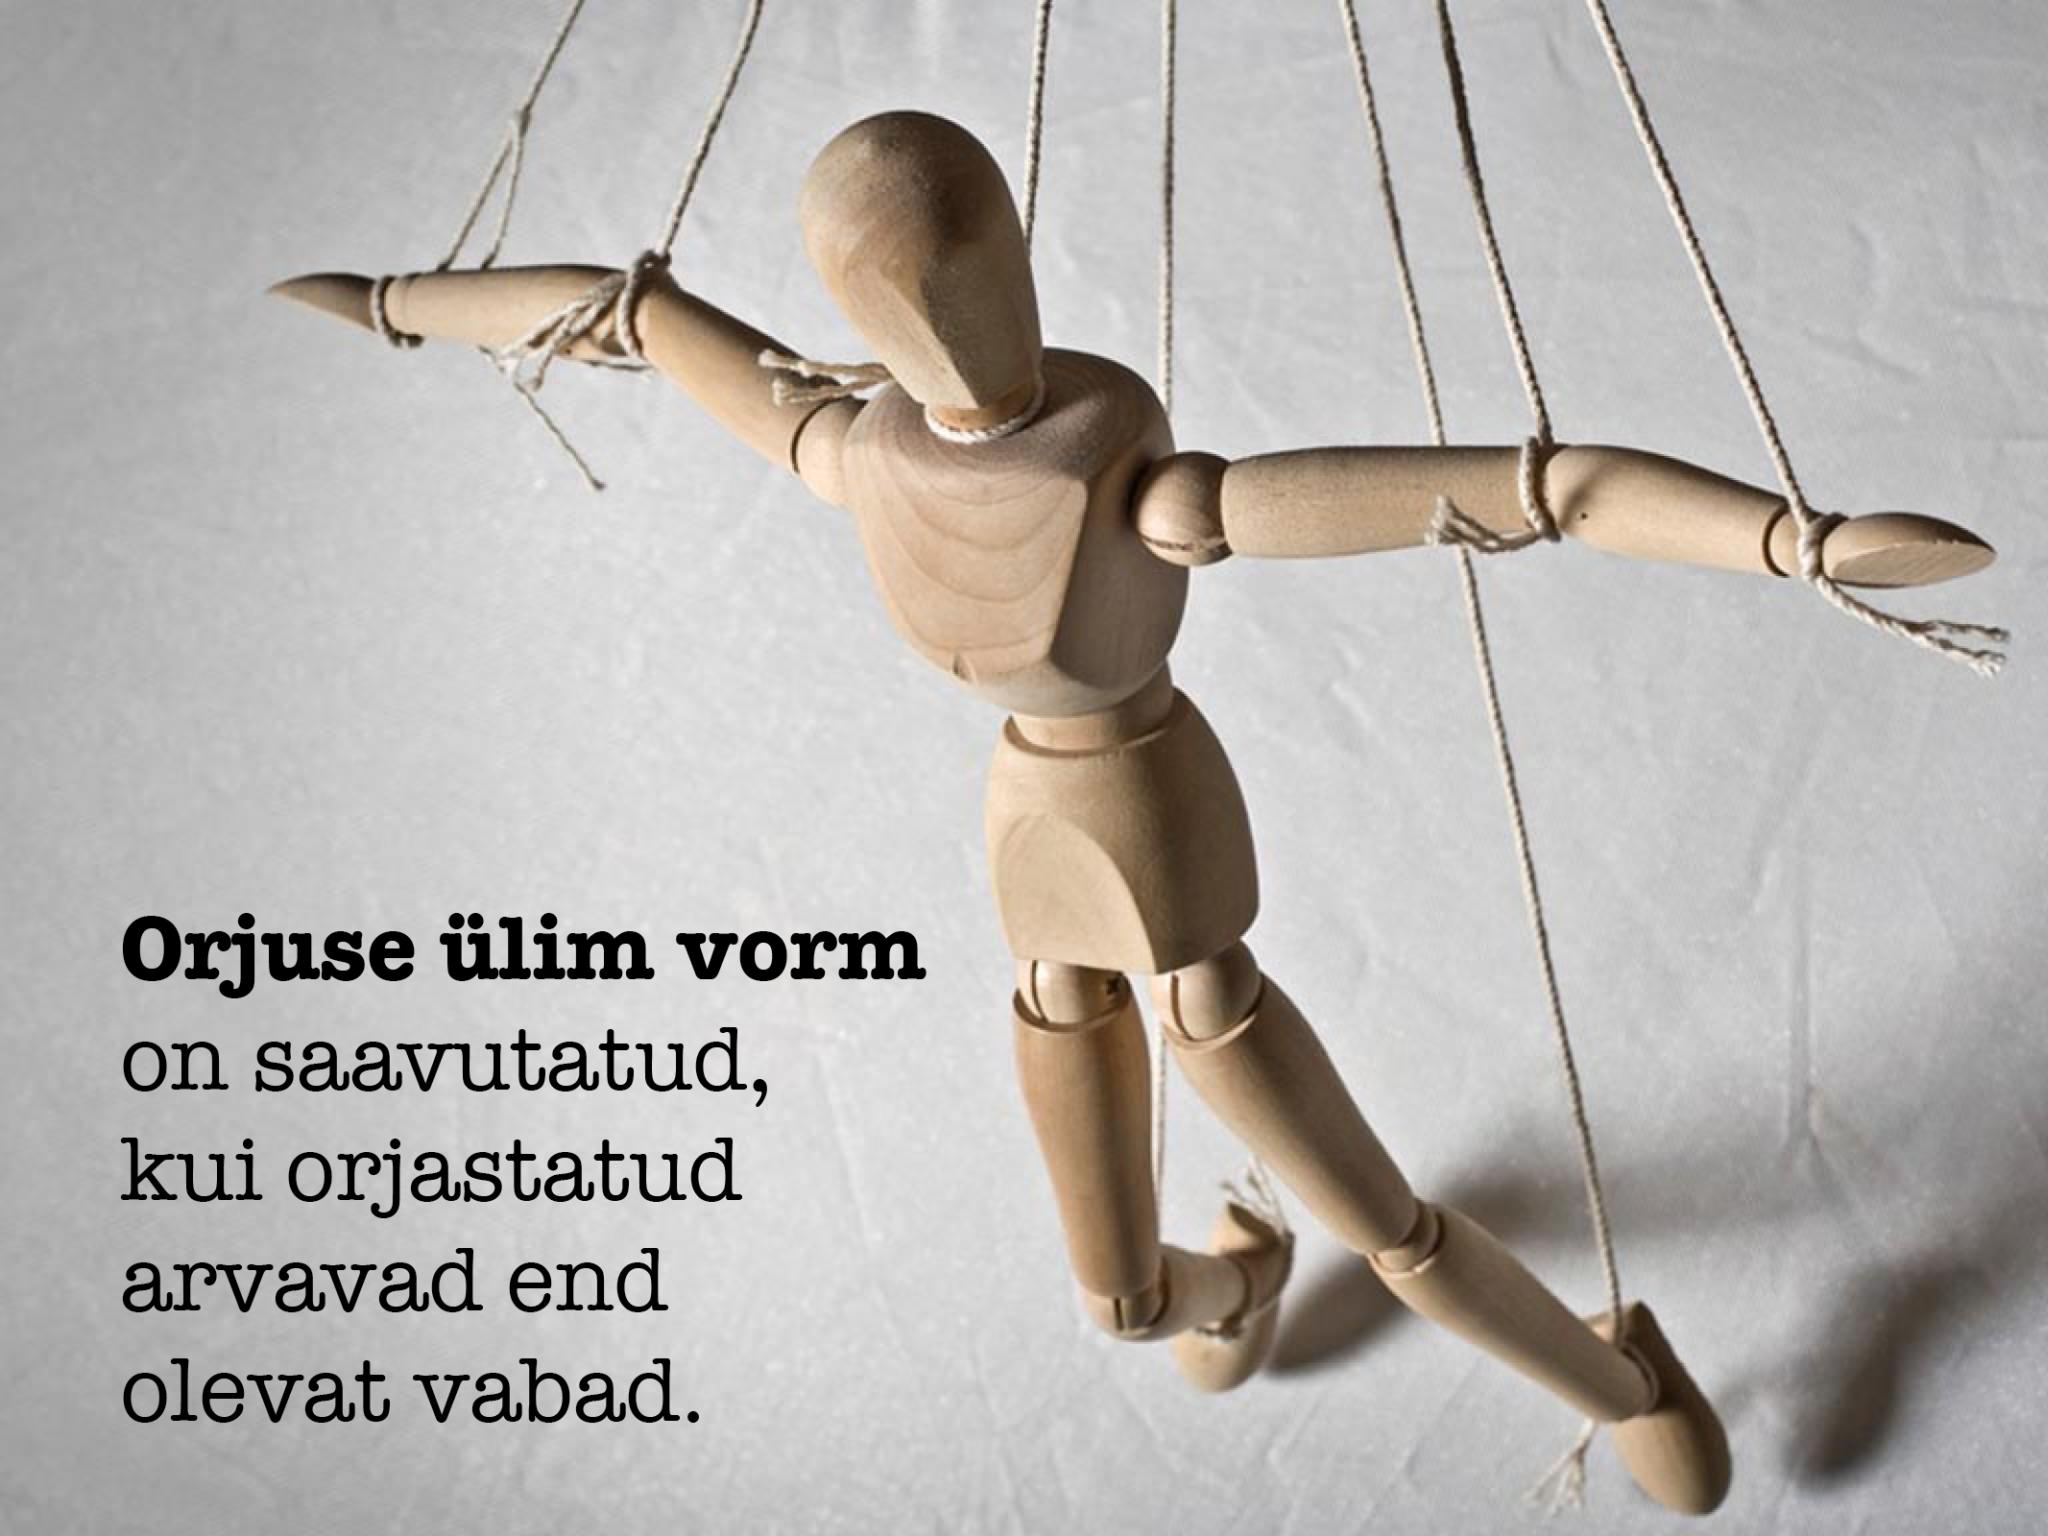 Orjuse ülim vorm on saavutatud siis, kui orjastatud arvavad end olevat vabad.